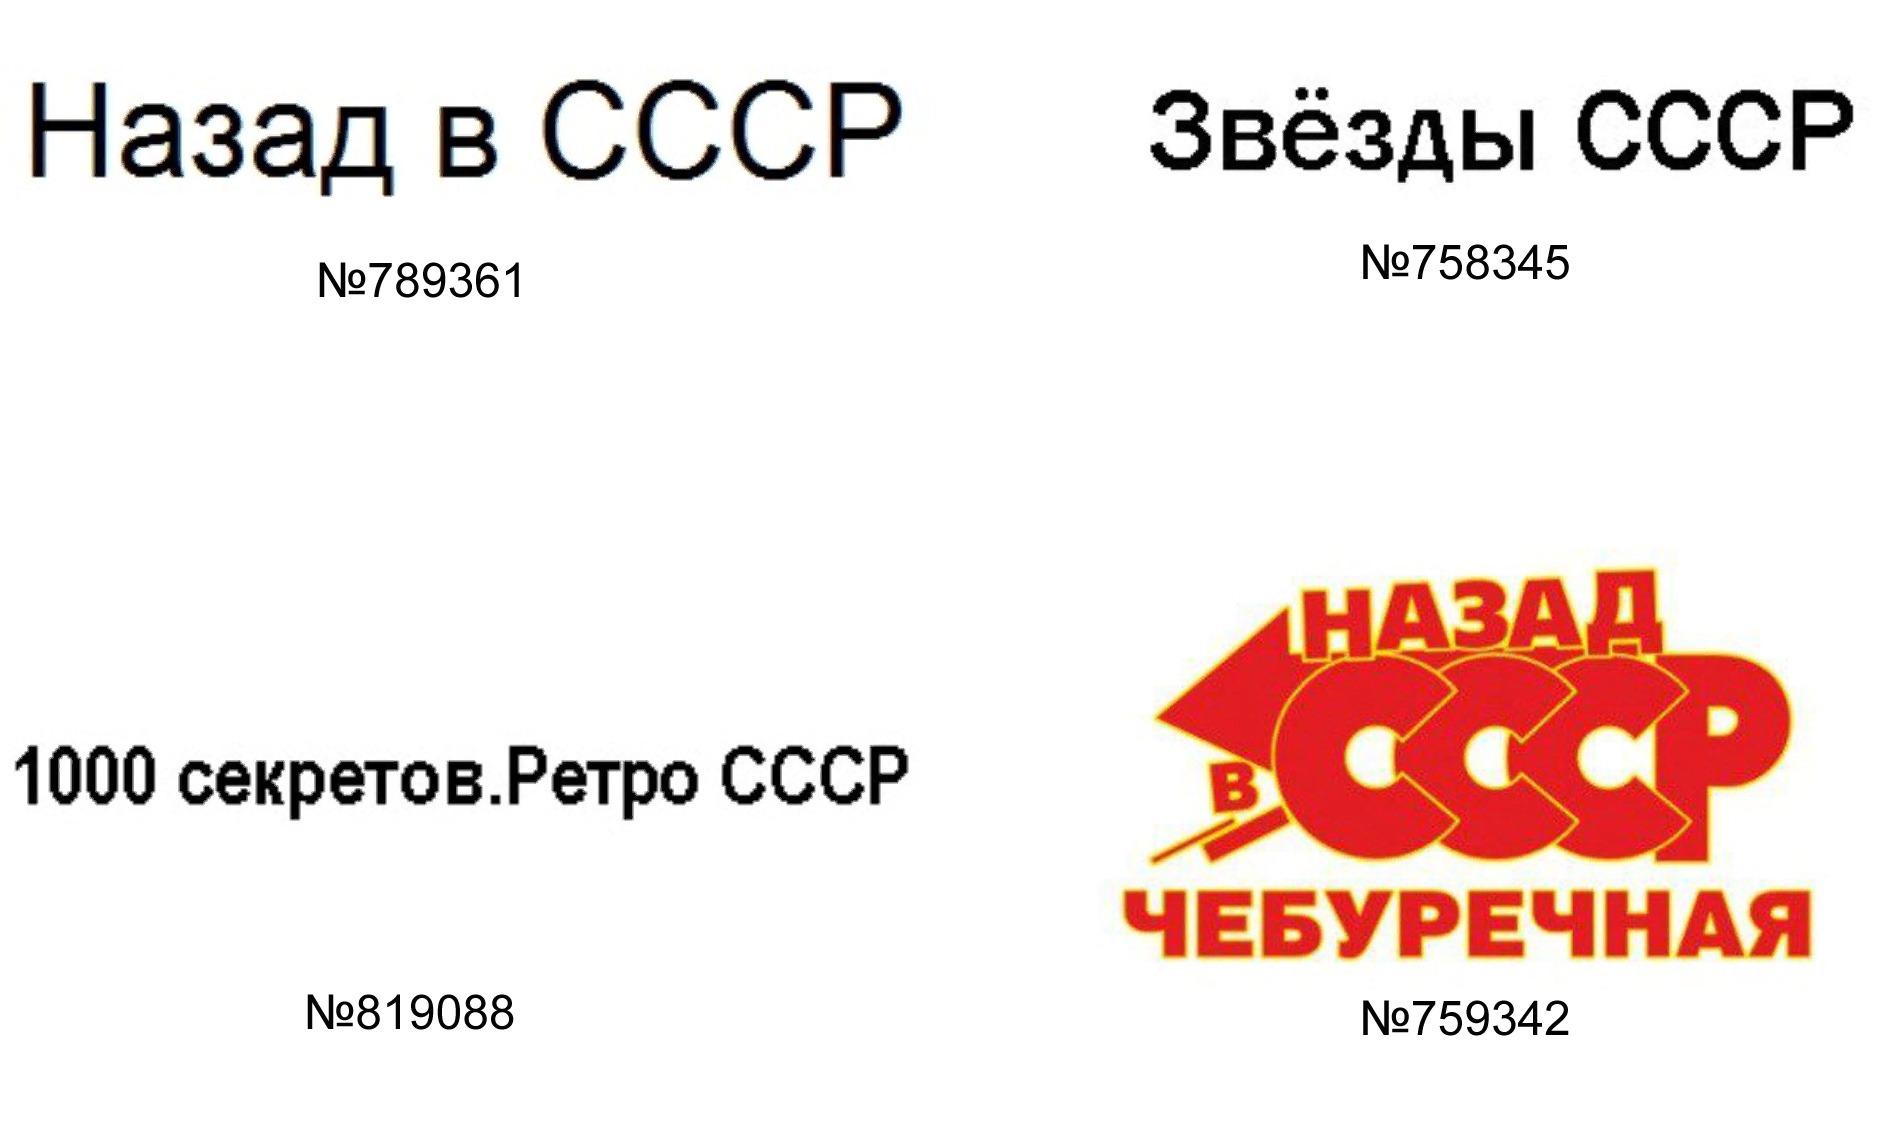 Примеры зарегистрированных товарных знаков с аббревиатурой СССР. Регистрации 2020-2021 гг.